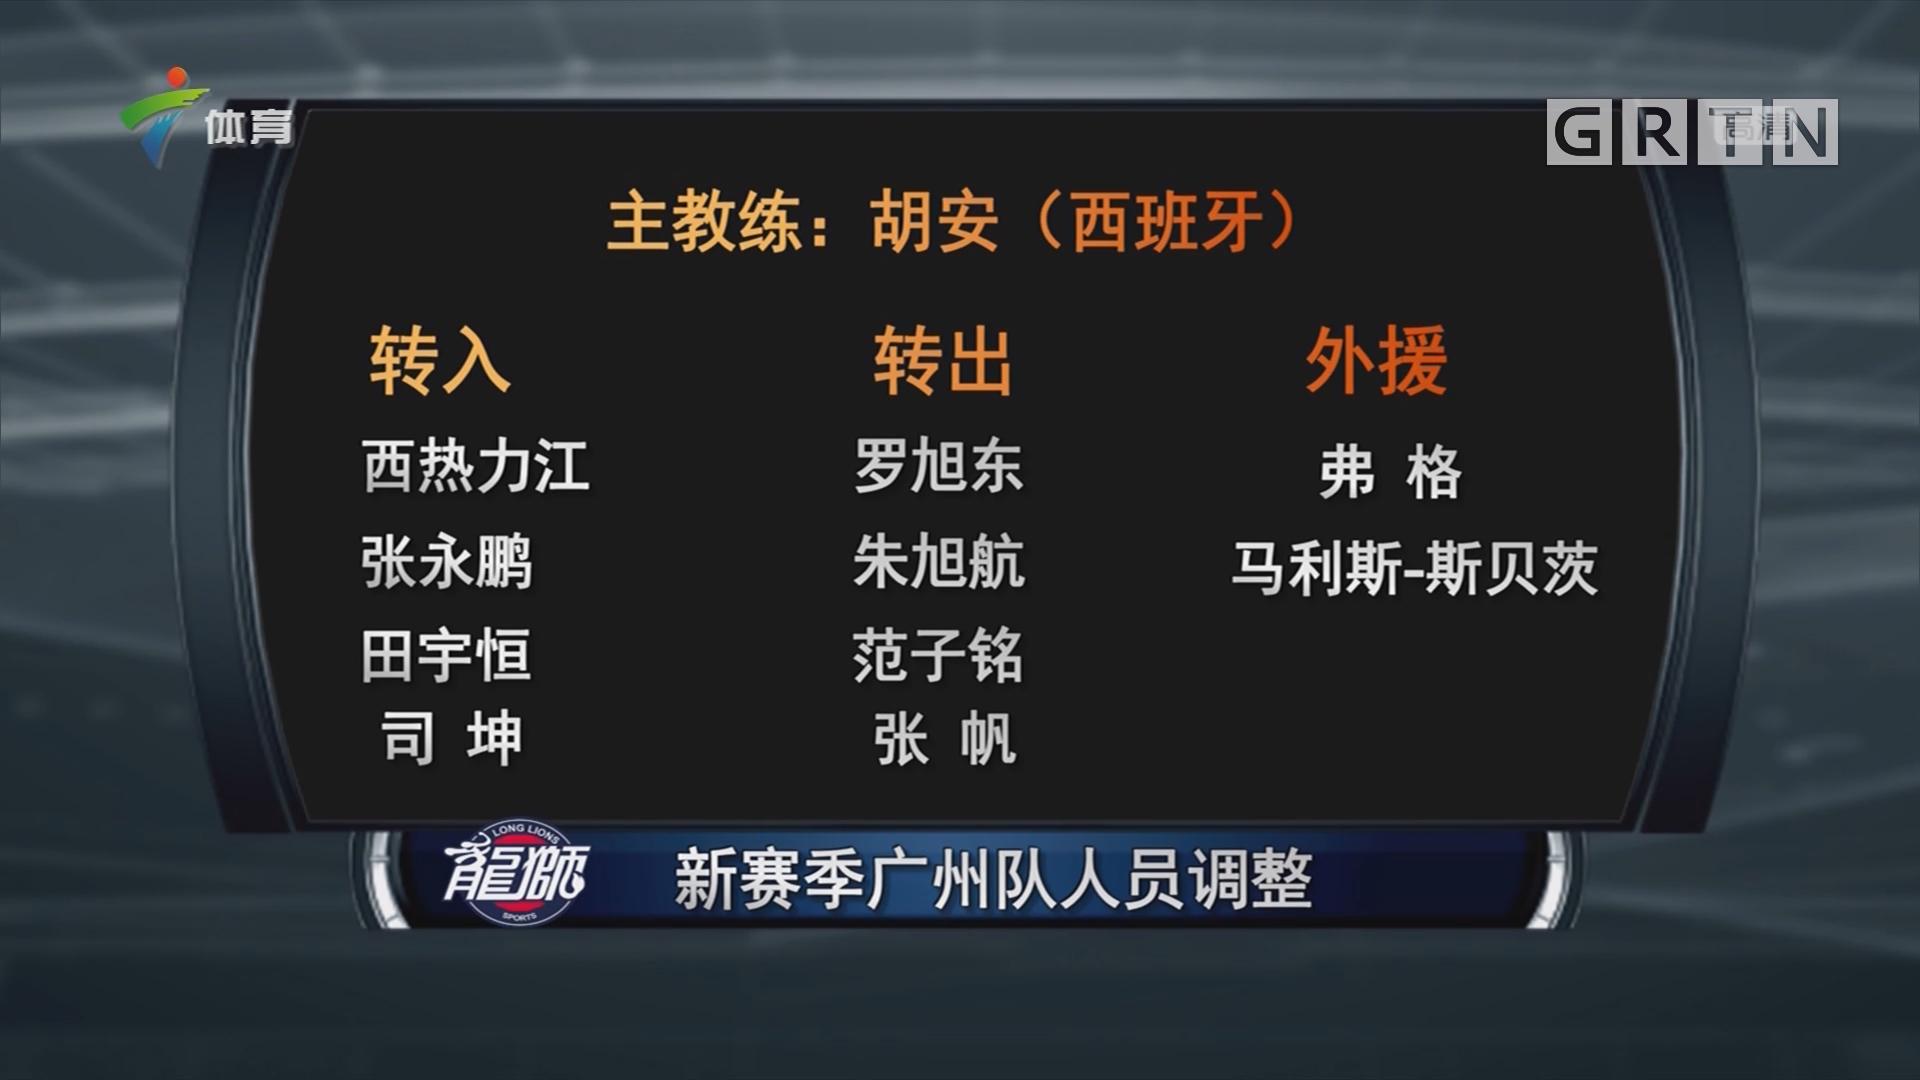 新赛季广州队人员调整